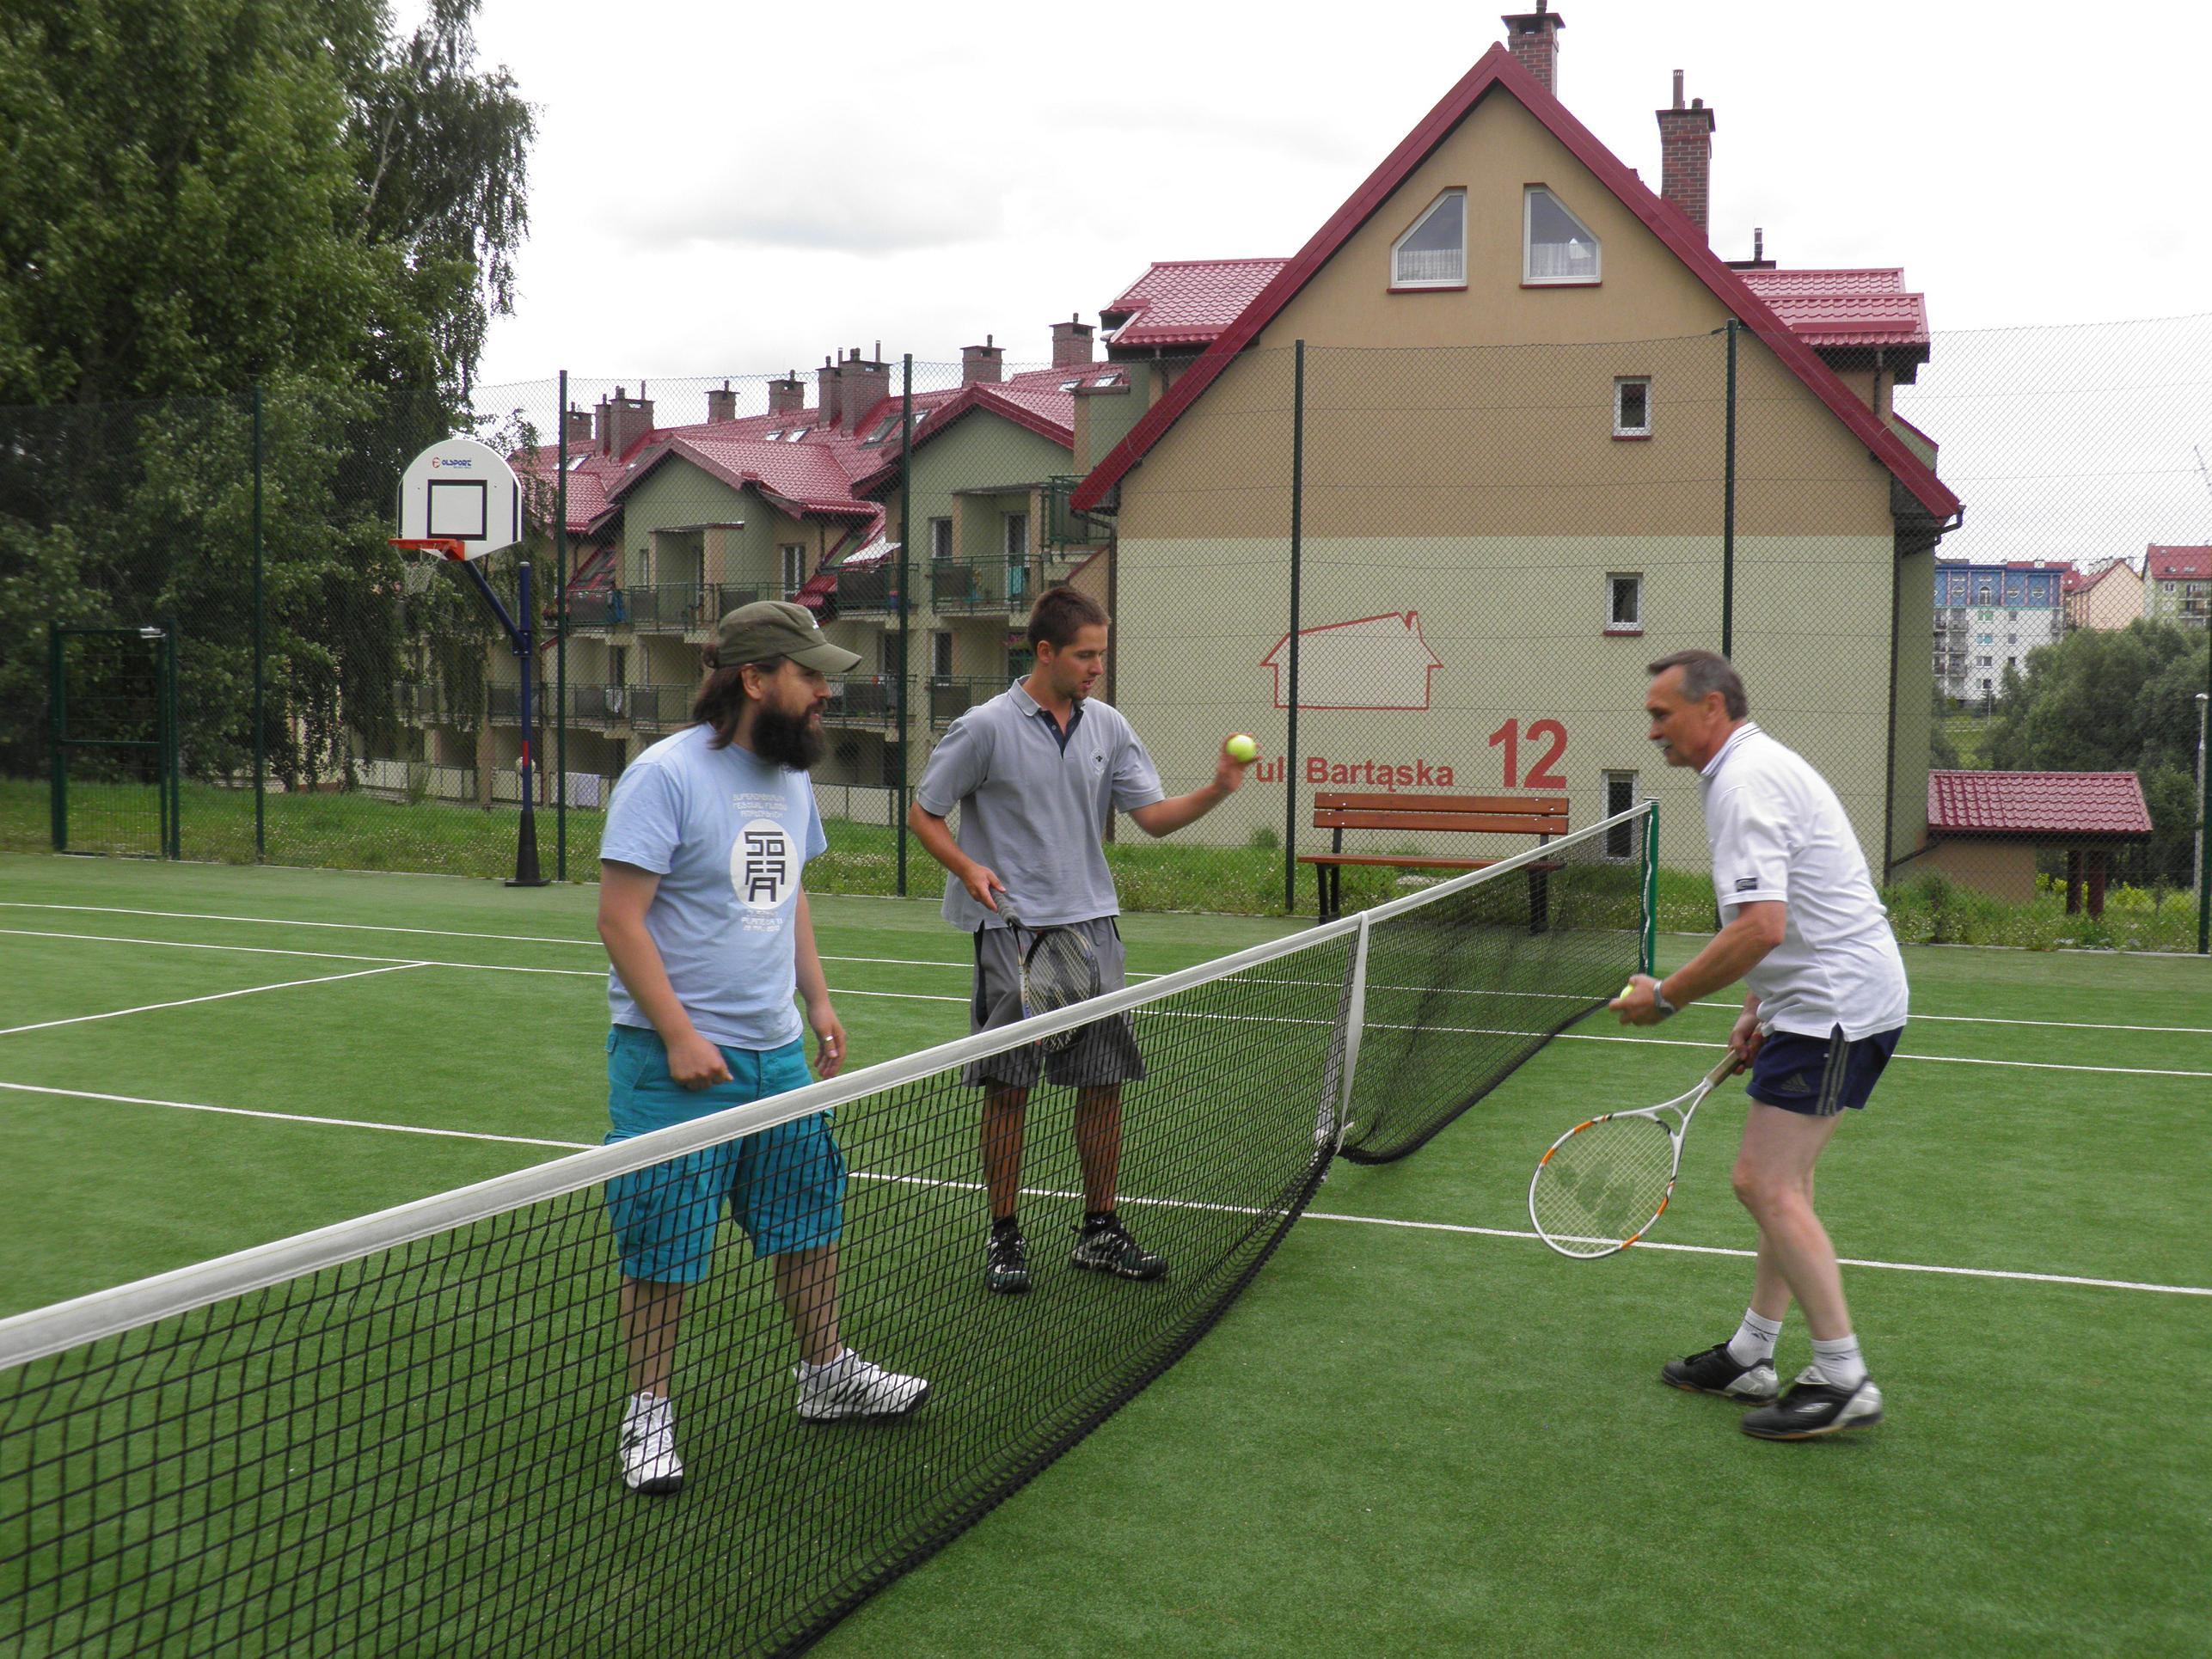 Zdjęcia z Turnieju Tenisa 2012 !